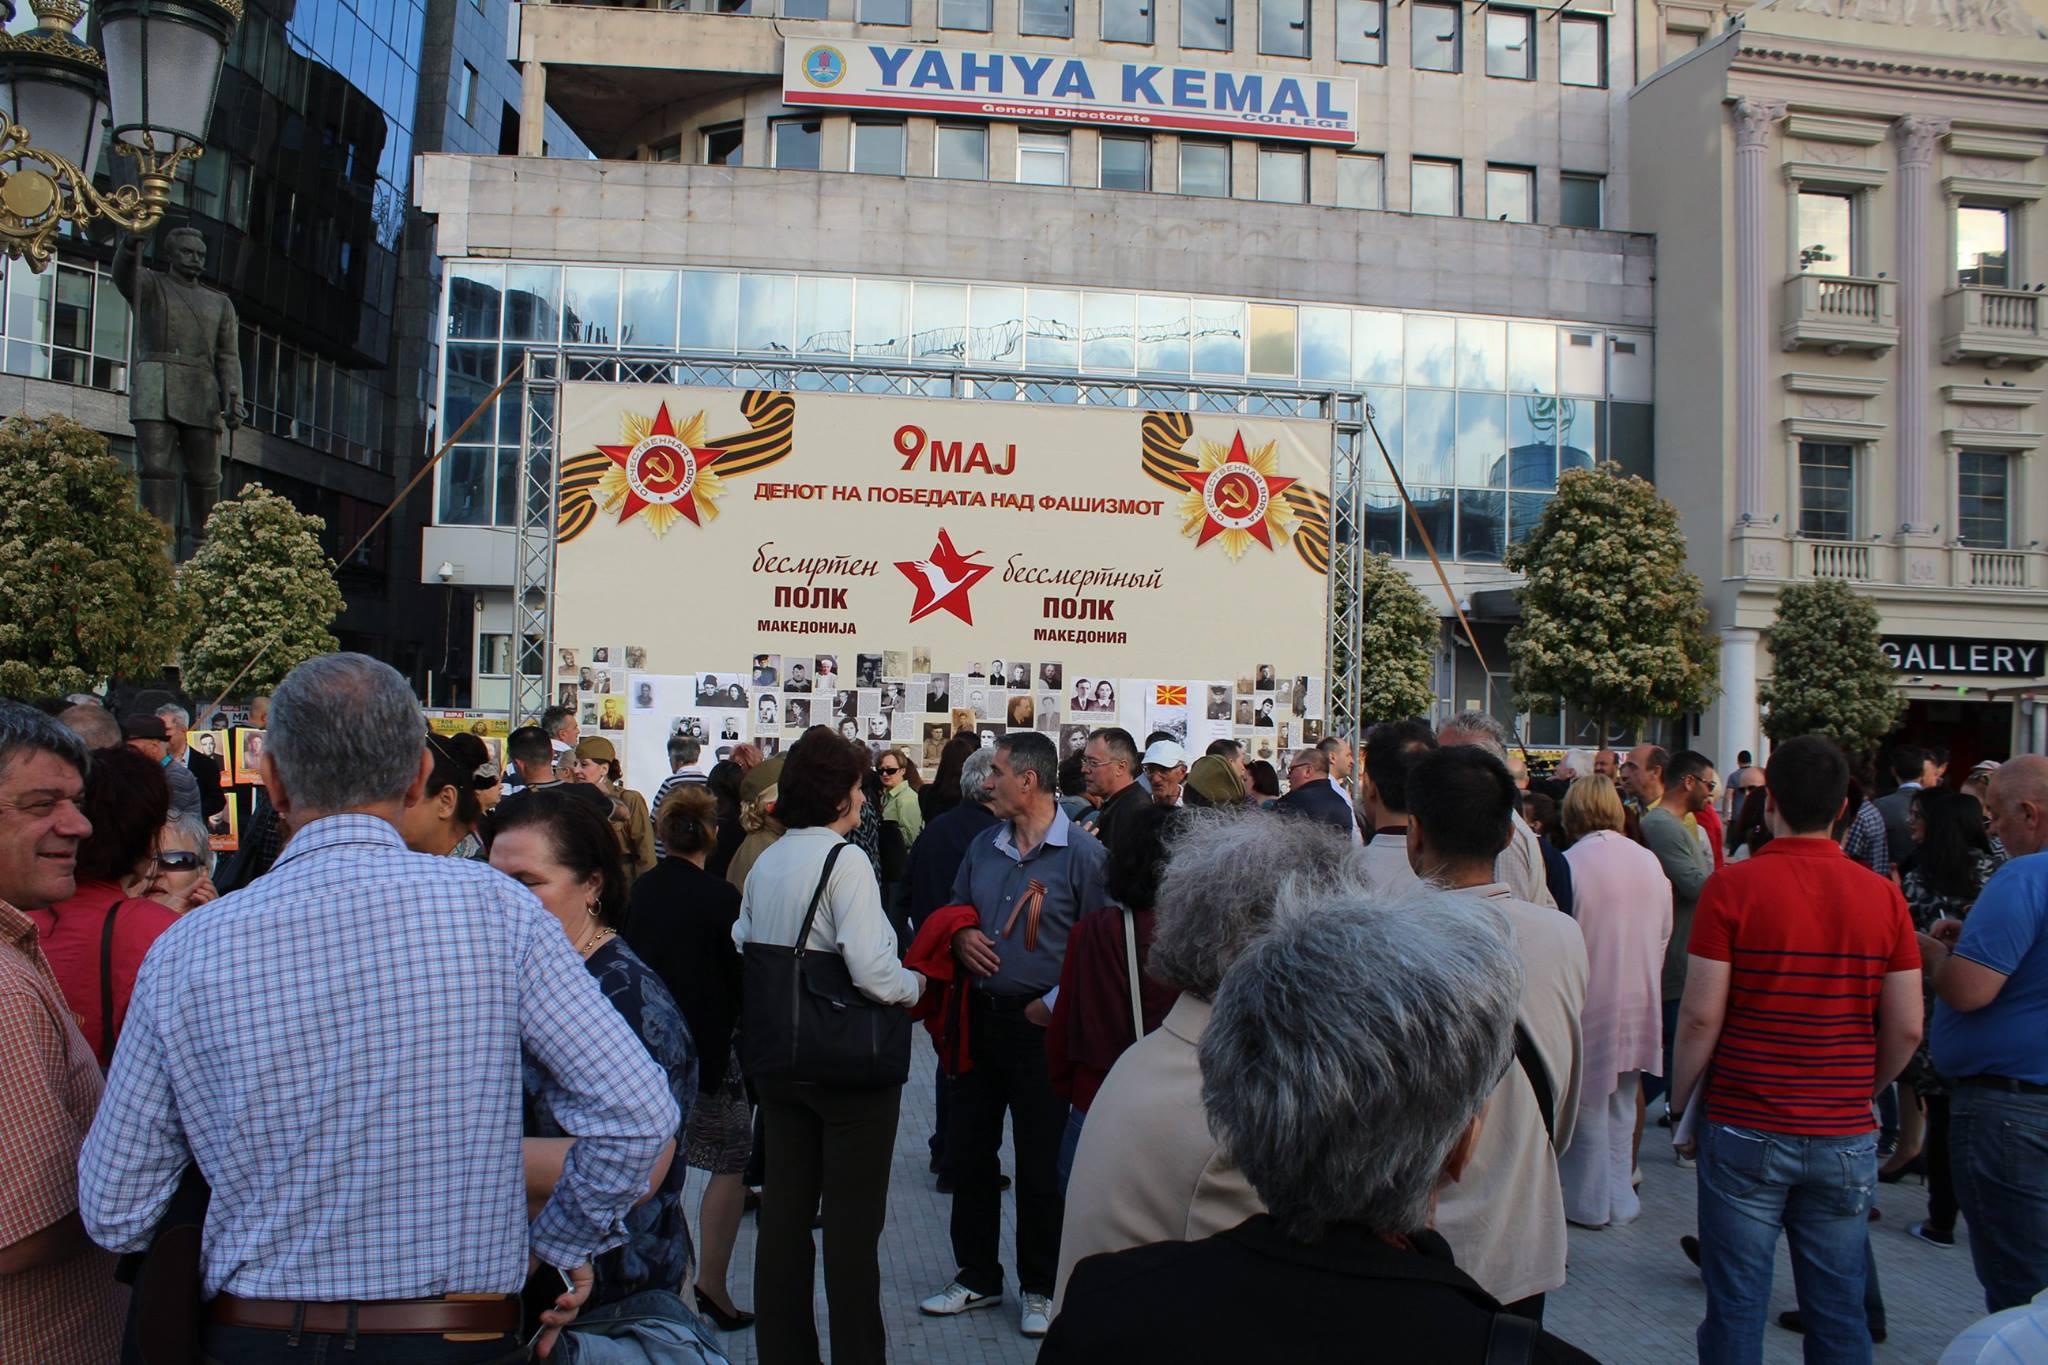 """""""Ѕид на сеќавањето"""", дел од манифестацијата """"Бесмртниот полк"""" на централниот градски плоштад на главниот град на Македонија Скопје. 6 мај 2017, Скопје, Македонија."""